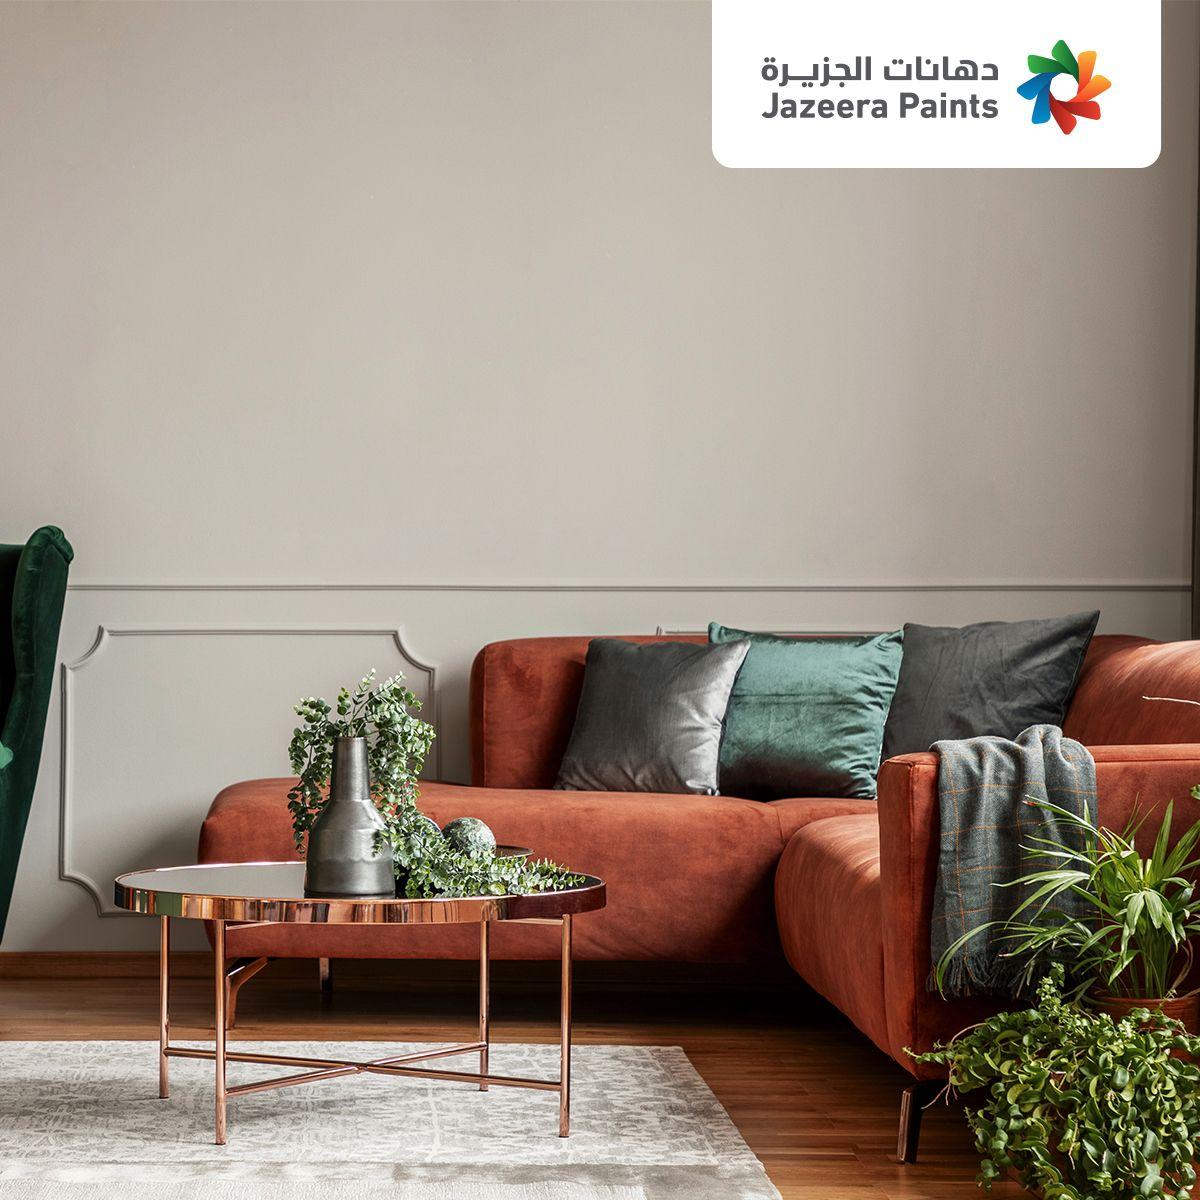 لون بيجي مرهف August Colors Home Decor Decor